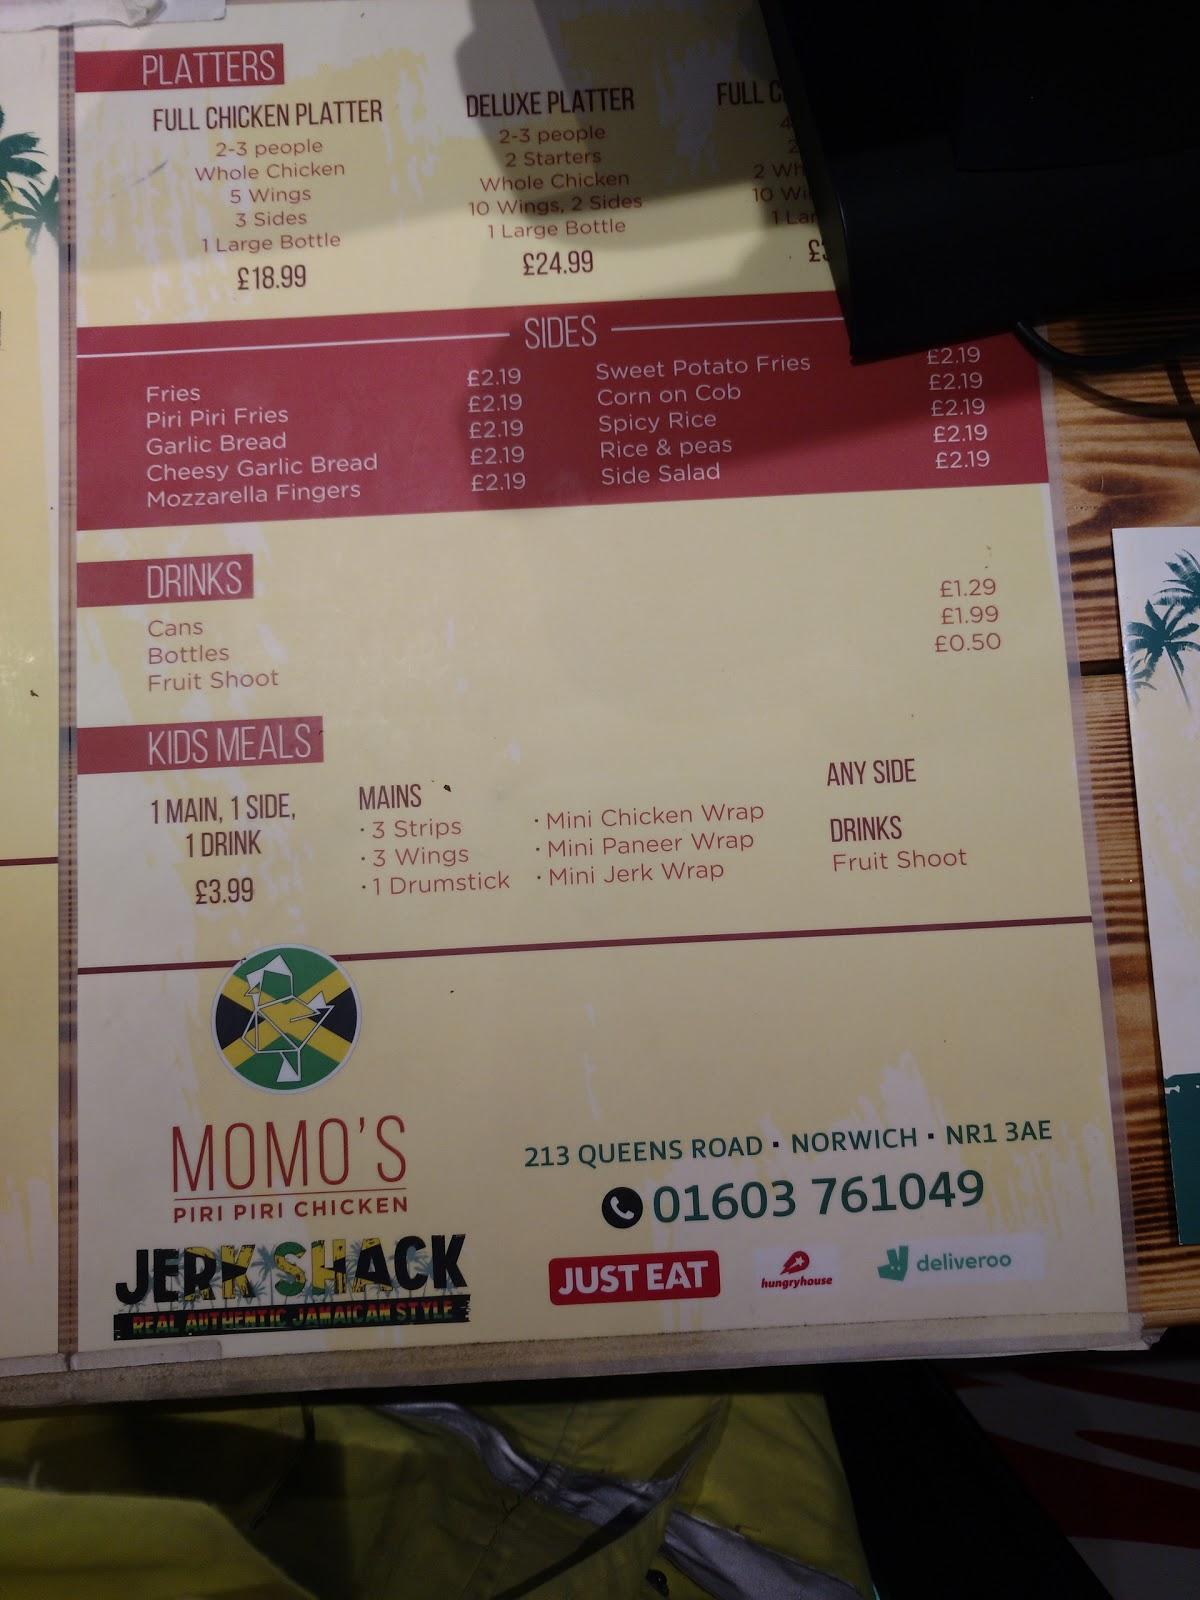 Momos Piri Piri In Norwich Restaurant Menu And Reviews